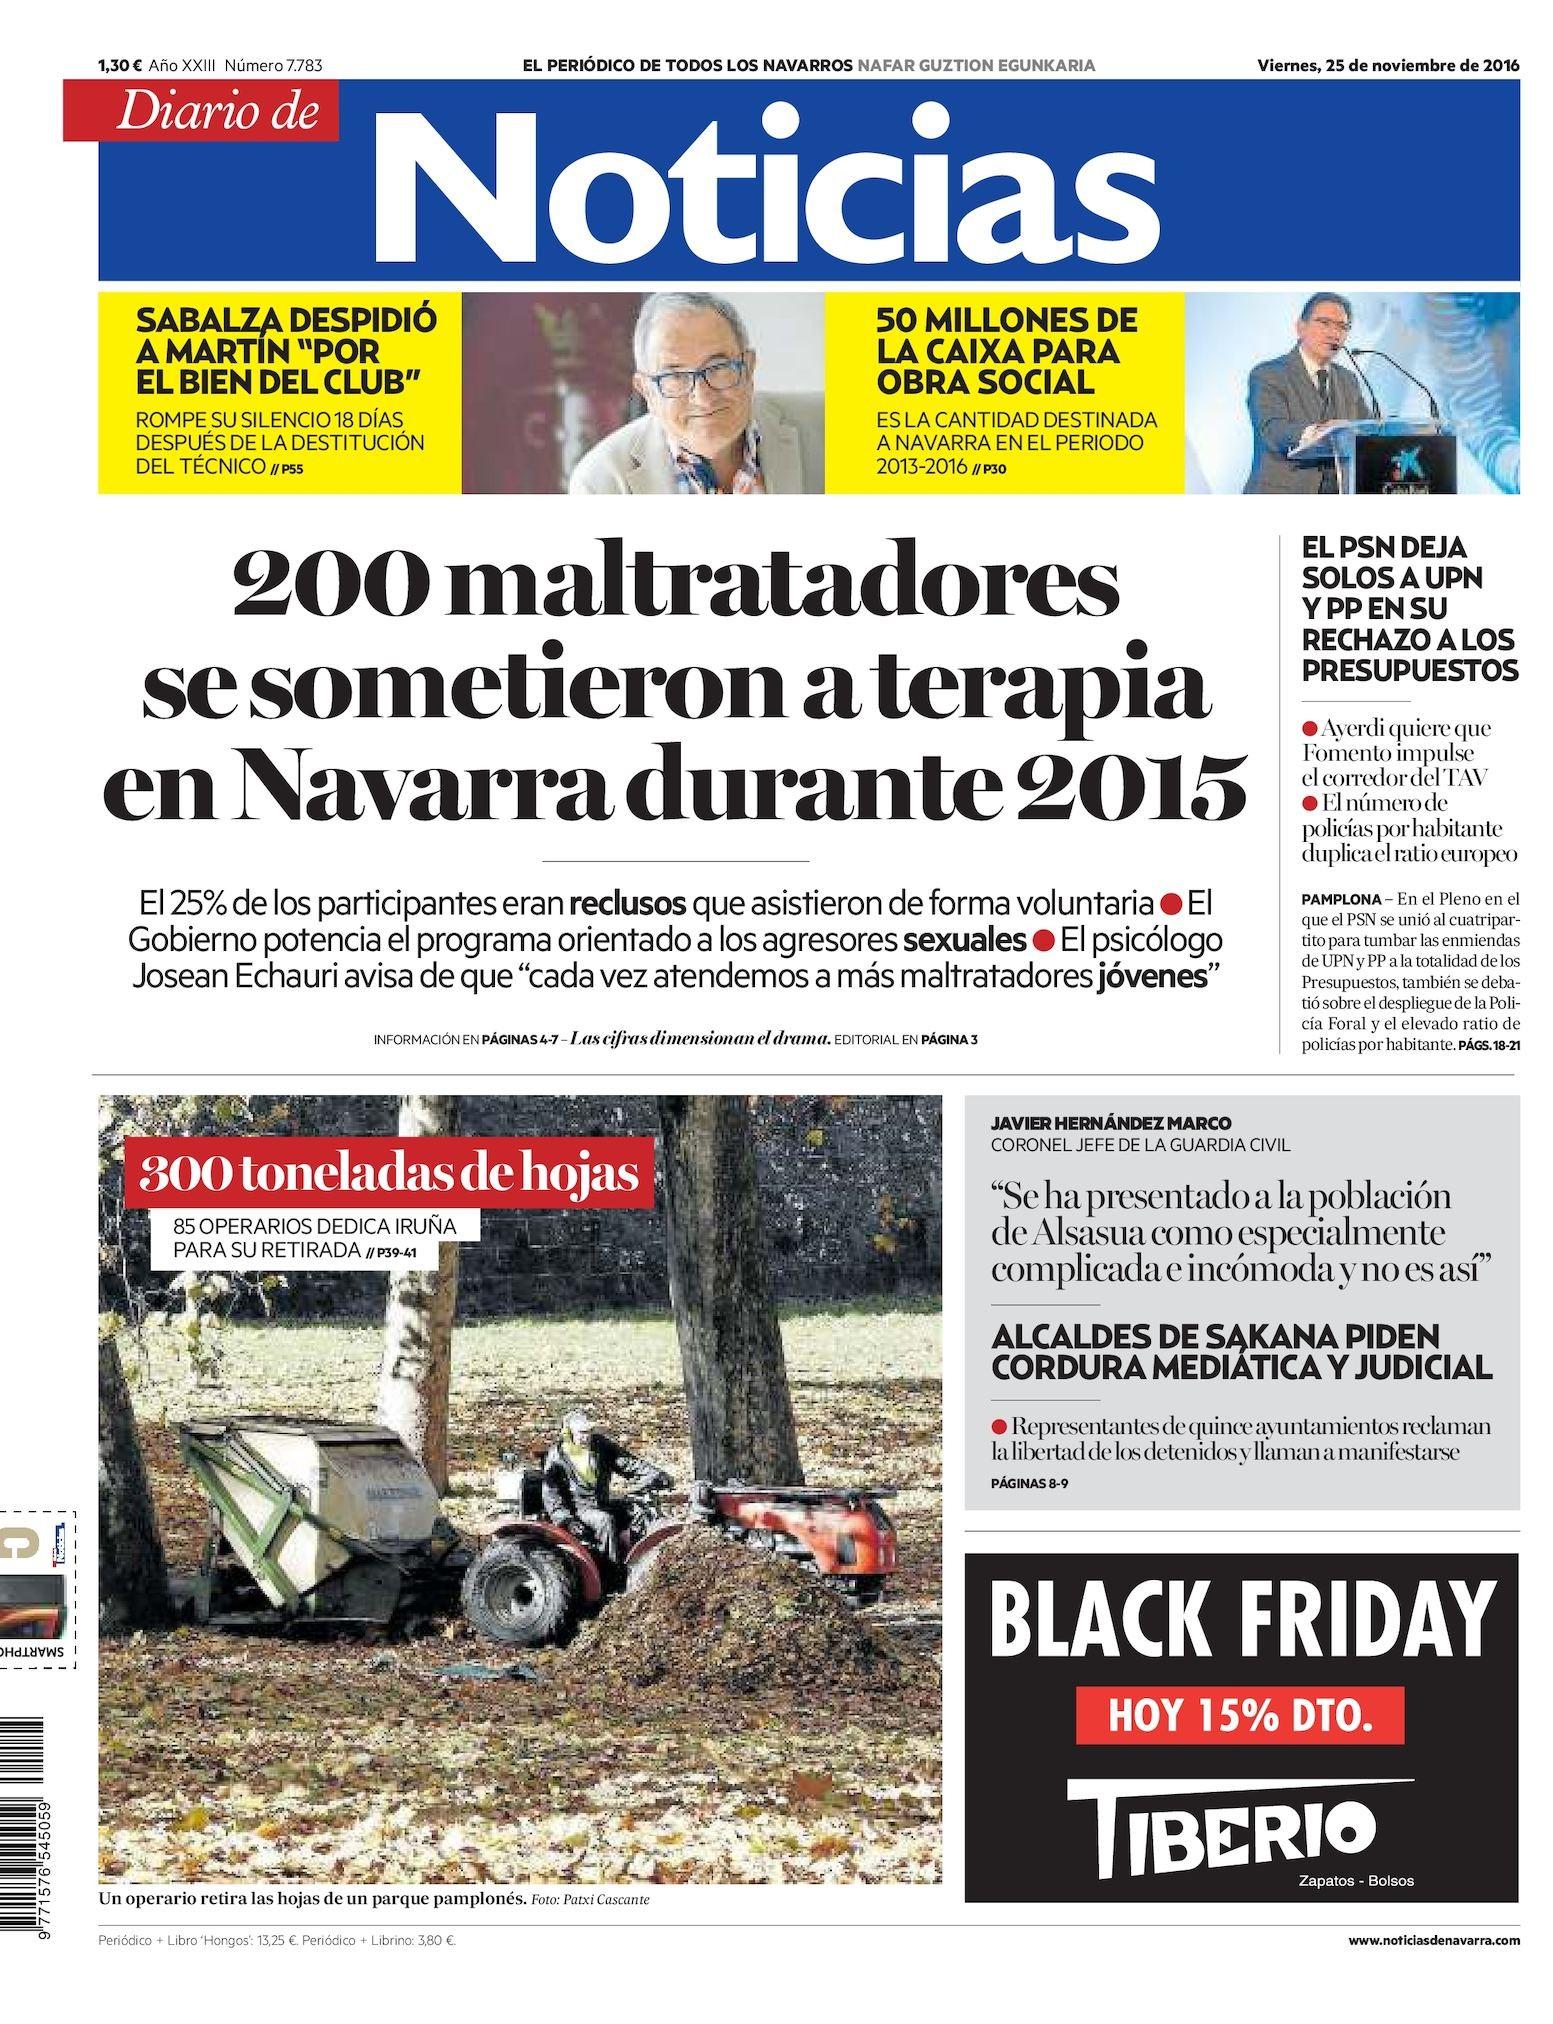 Calendario 2019 Argentina Vacaciones De Invierno Más Recientemente Liberado Calaméo Diario De Noticias